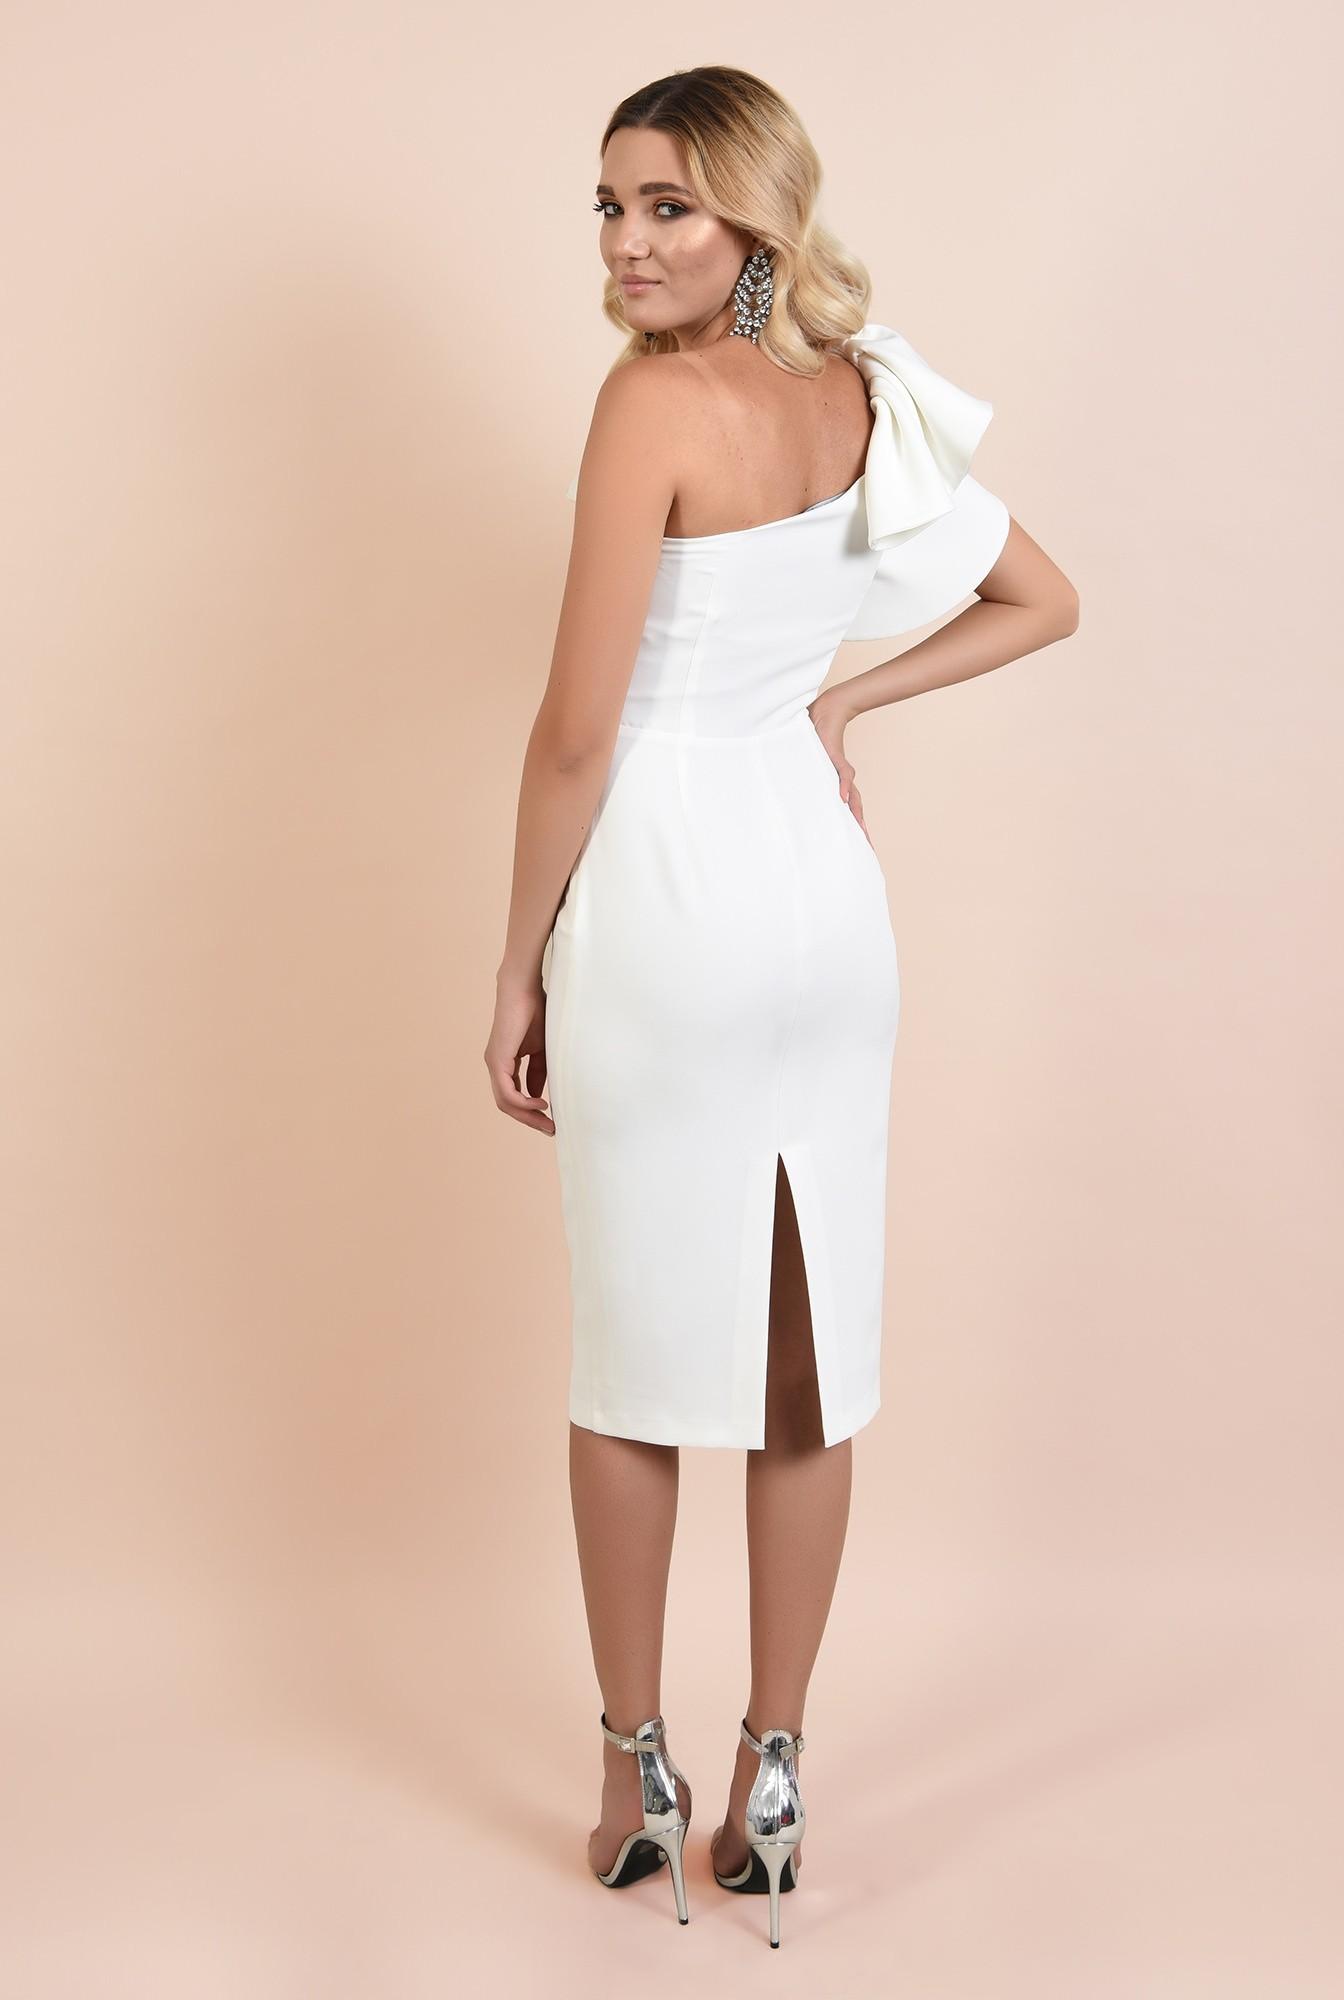 1 - rochie eleganta, midi, conica, umar gol, funde suprapuse, Poema